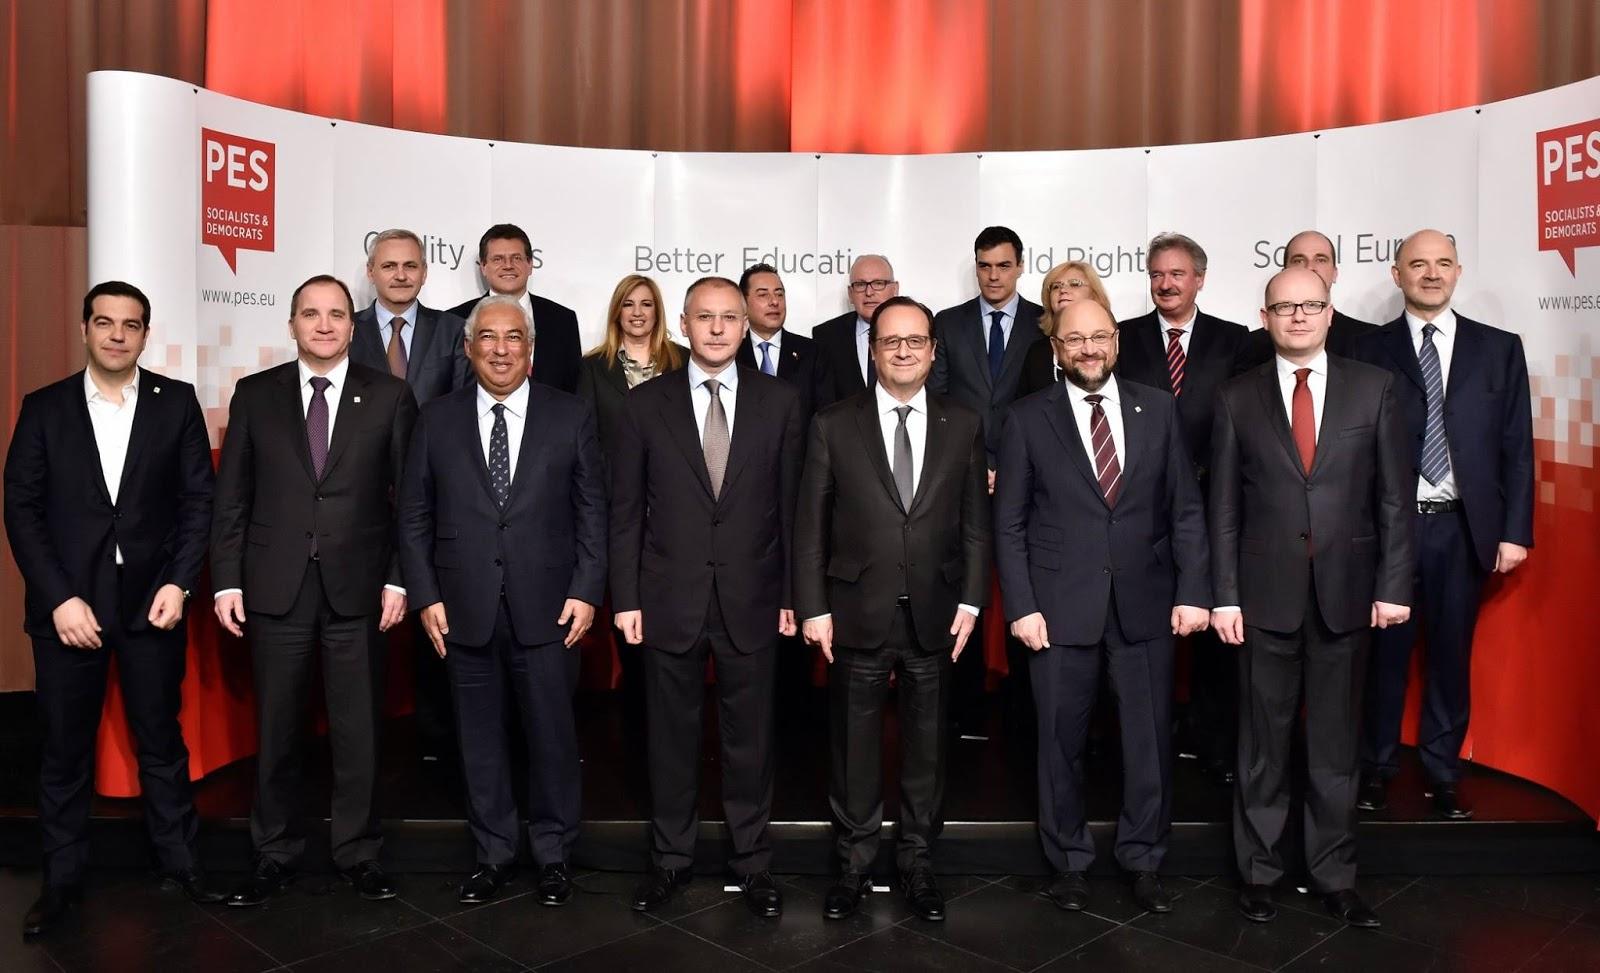 2012 - Ο Δραγασάκης, ο Ράϊχενμπαχ, ο Τσίπρας, η Σοσιαλιστική Ευρωομάδα ...